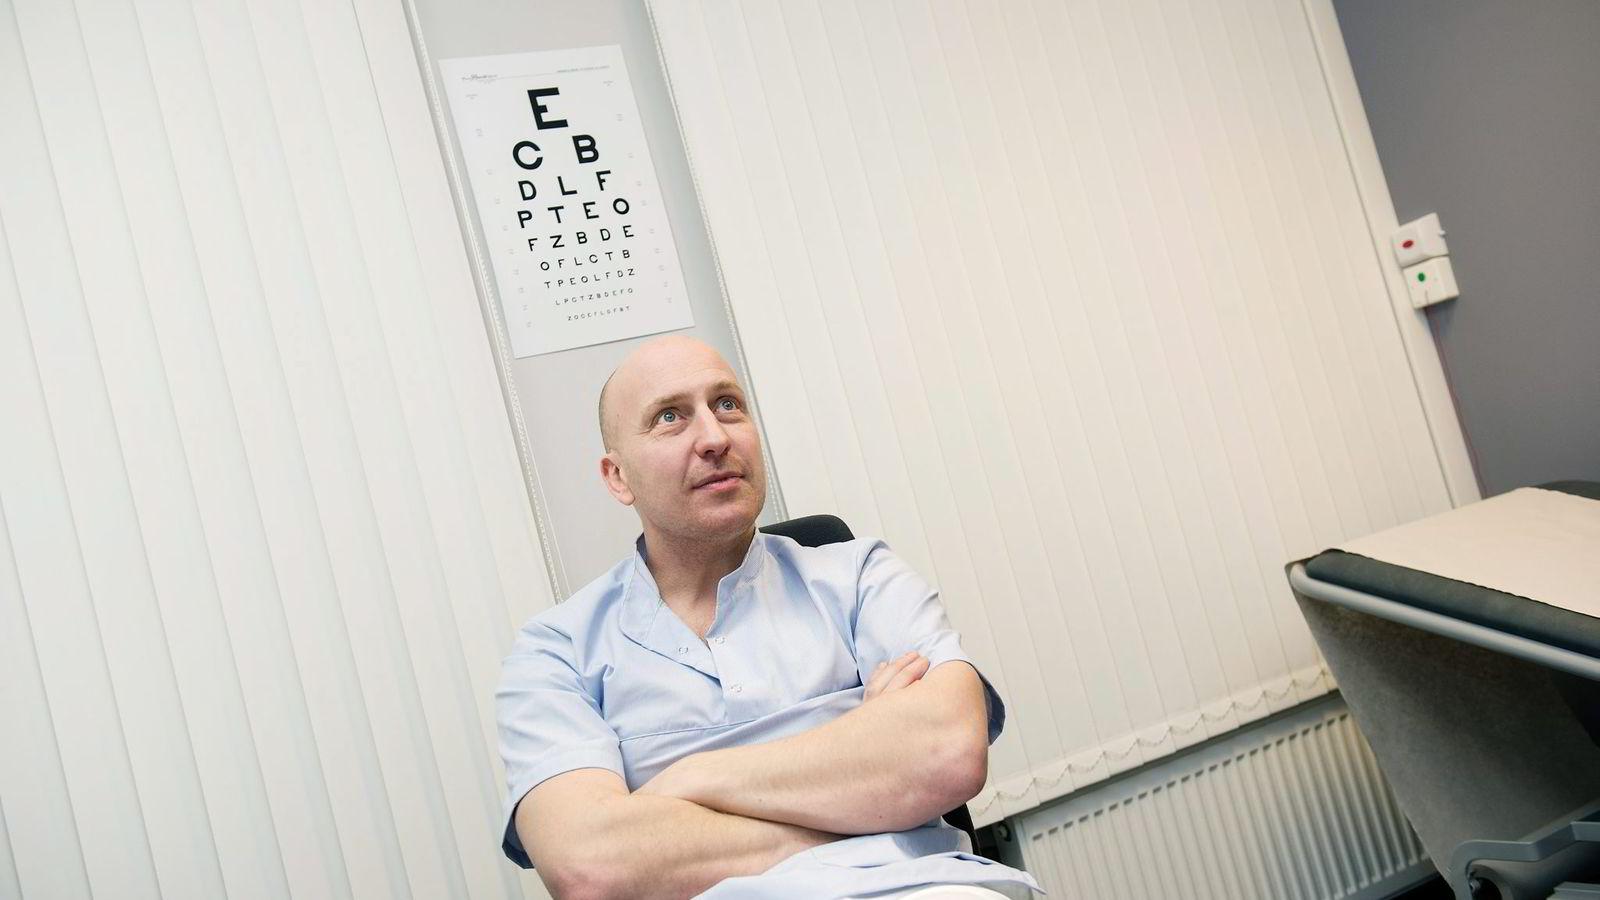 Lege Tobias Skylstad Kvernebo ved Volvat Medisinske Senter sier han har sett pasientgruppen «utbrente små voksne» øke de siste årene.